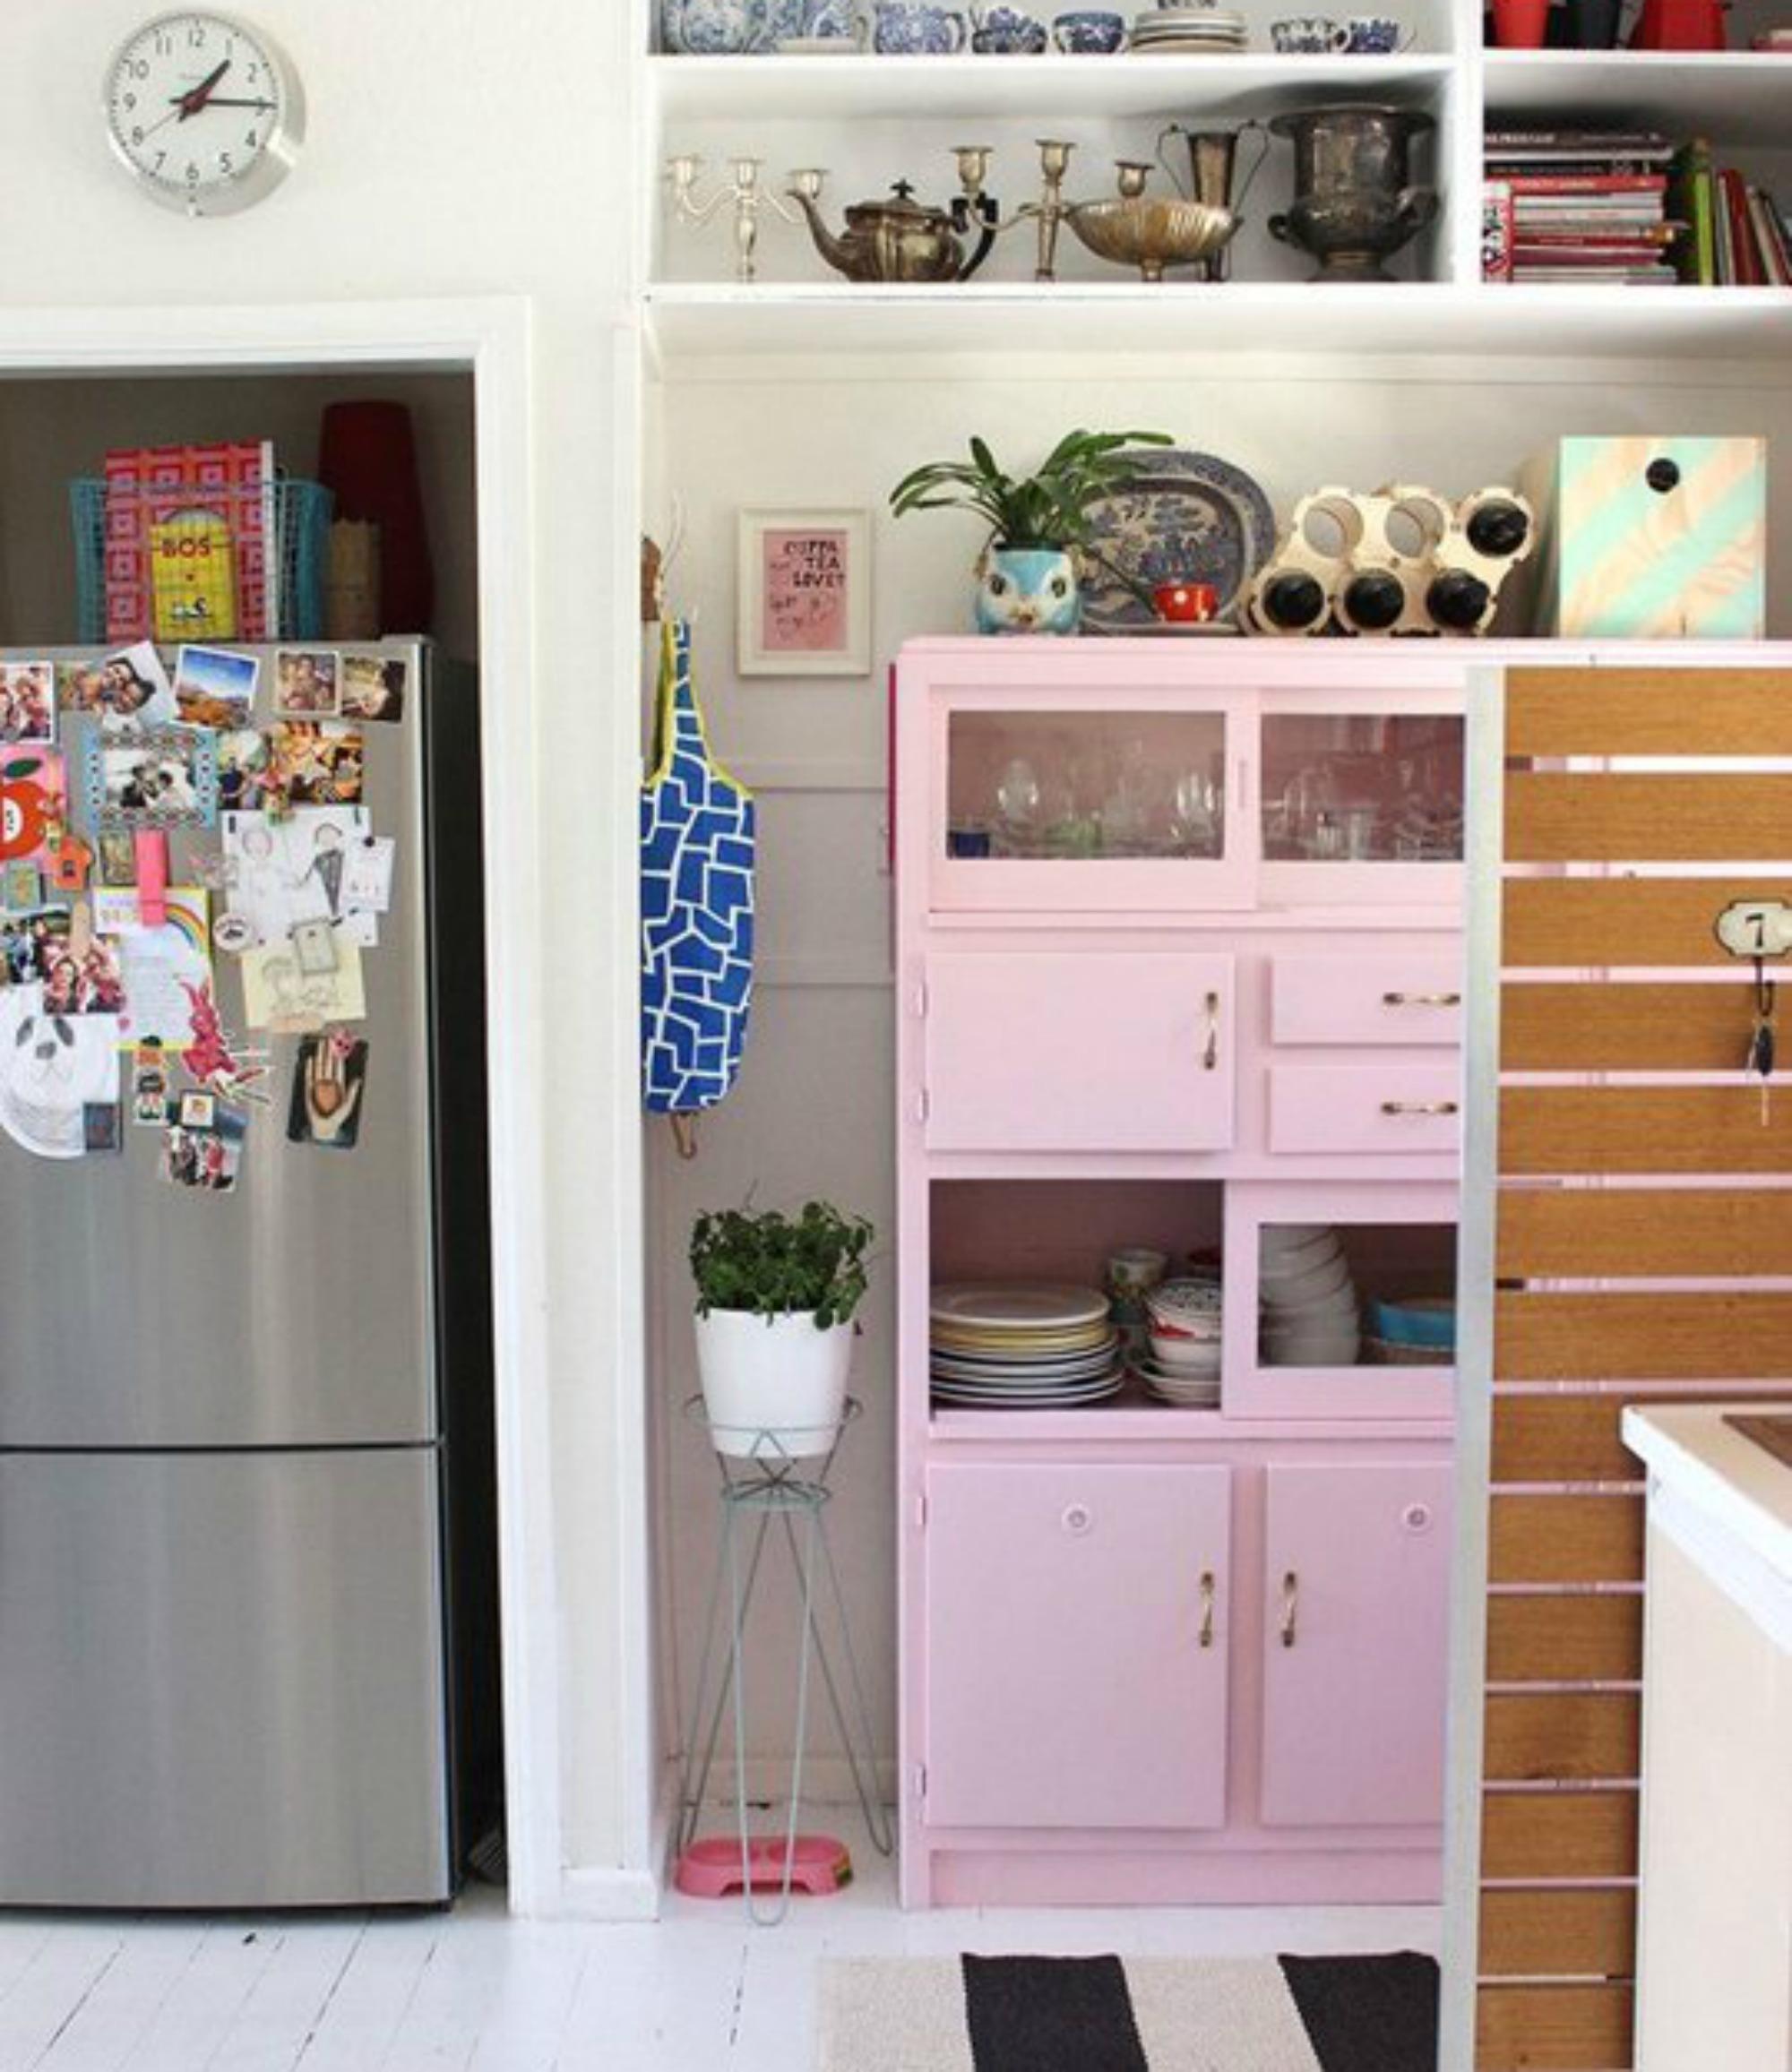 Αν σας αρέσει το ροζ χρώμα τότε βάλτε το στην κουζίνα σας. Με την κατάλληλη διακόσμηση οποιοδήποτε χρώμα μπορεί να ταιριάξει σε μια κουζίνα.